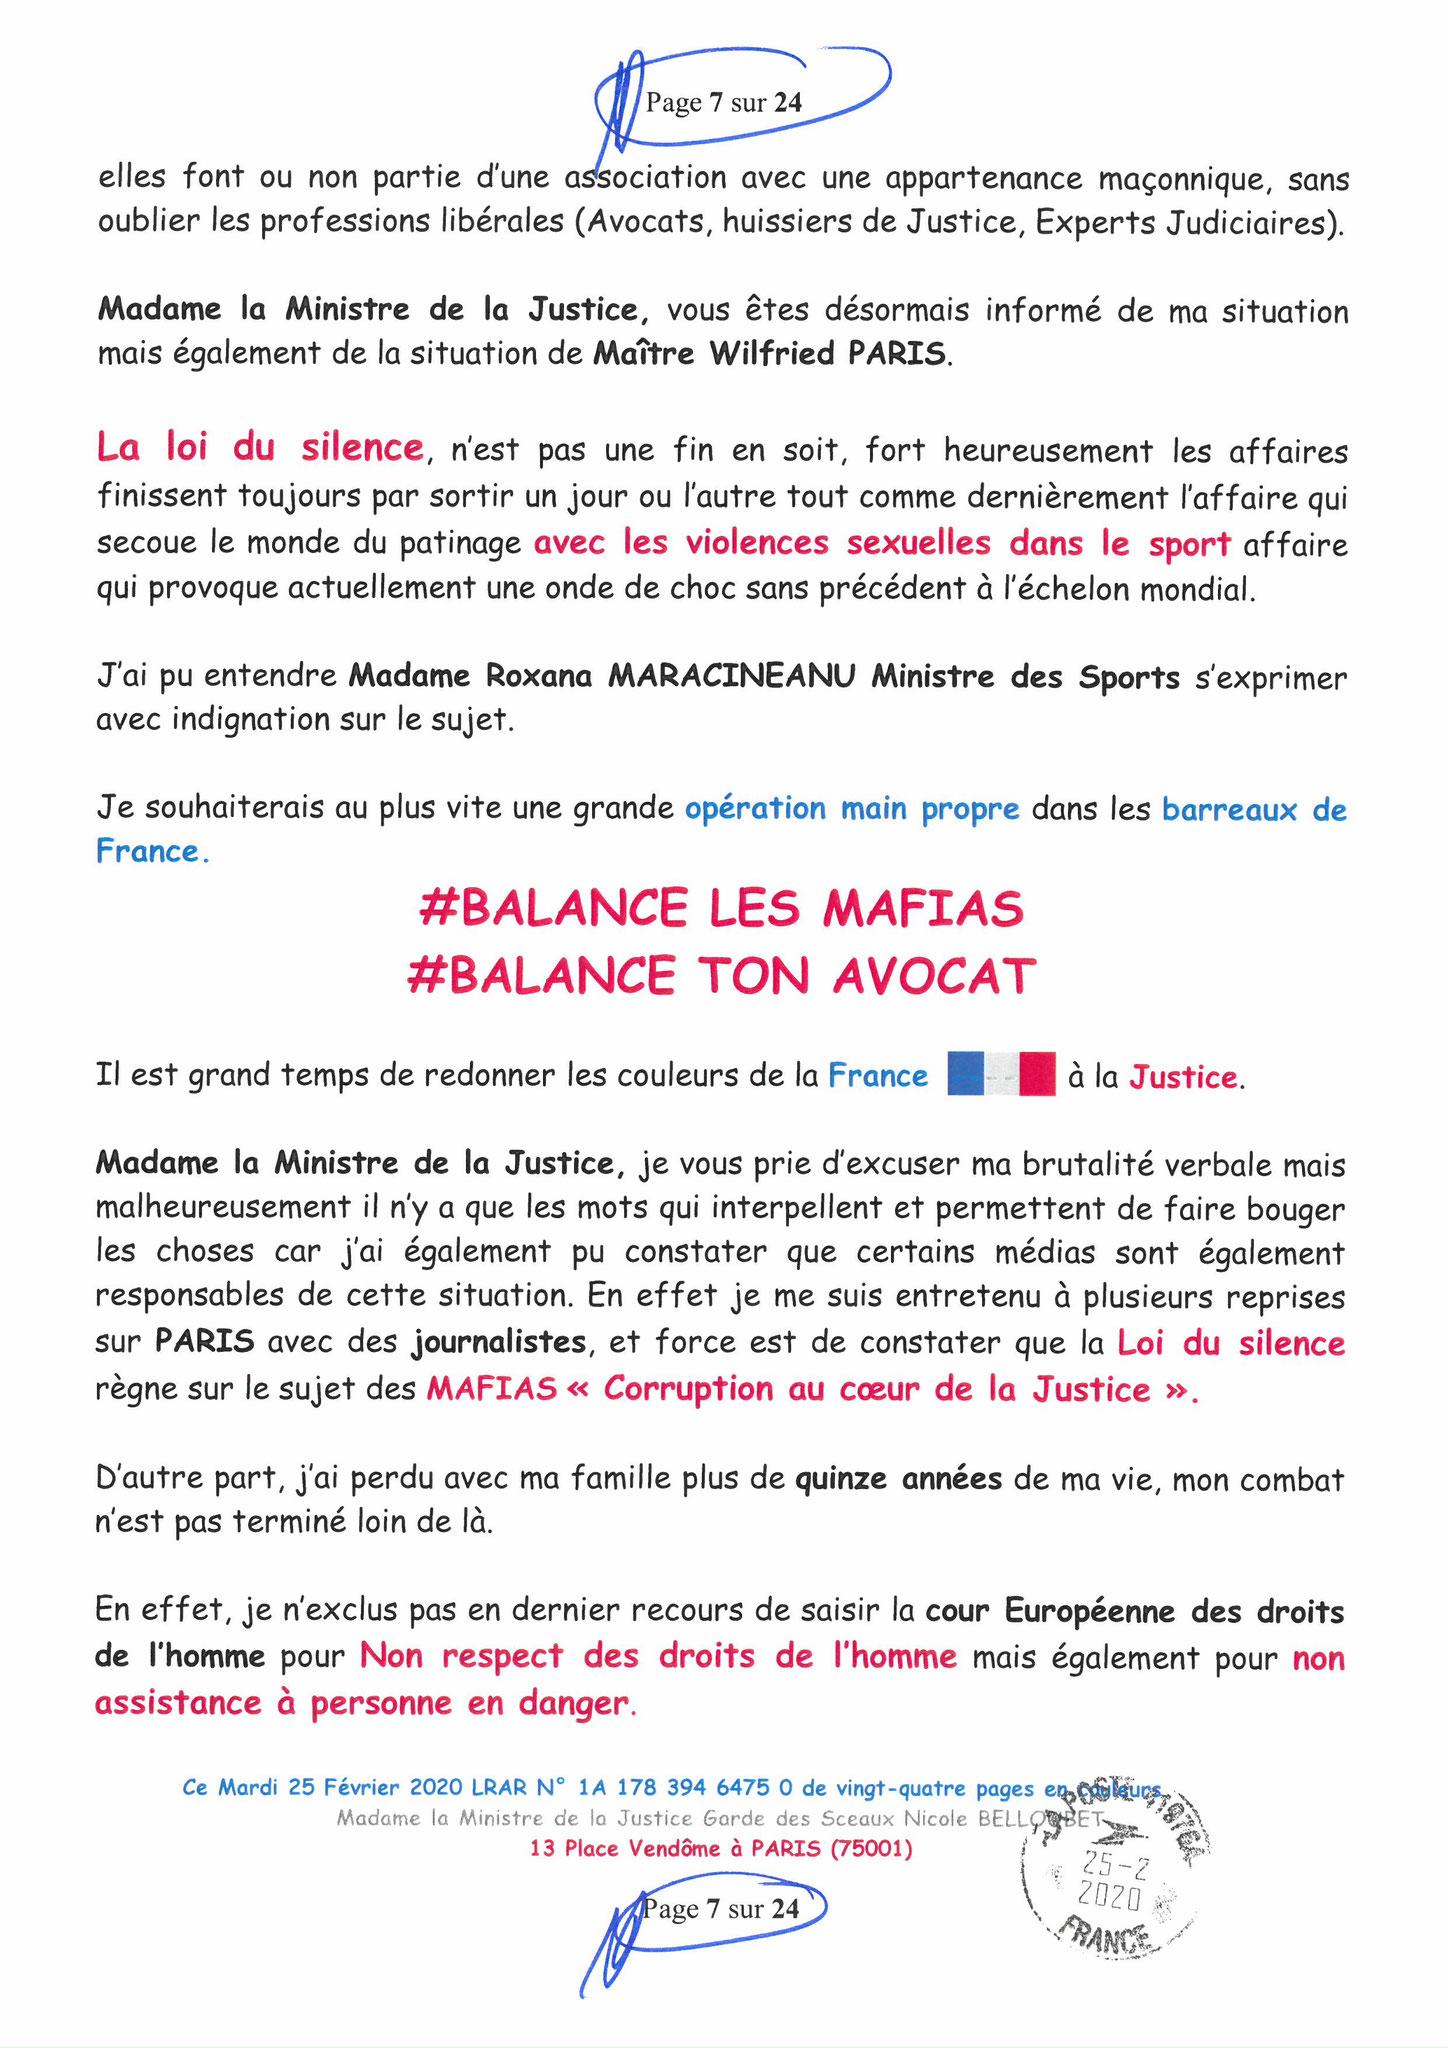 Ma LRAR à Madame Nicole BELLOUBET la Ministre de la Justice N0 1A 178 394 6475 0 Page 7 sur 24 en couleur  www.jesuispatrick.com www.jesuisvictime.fr www.alerte-rouge-france.fr